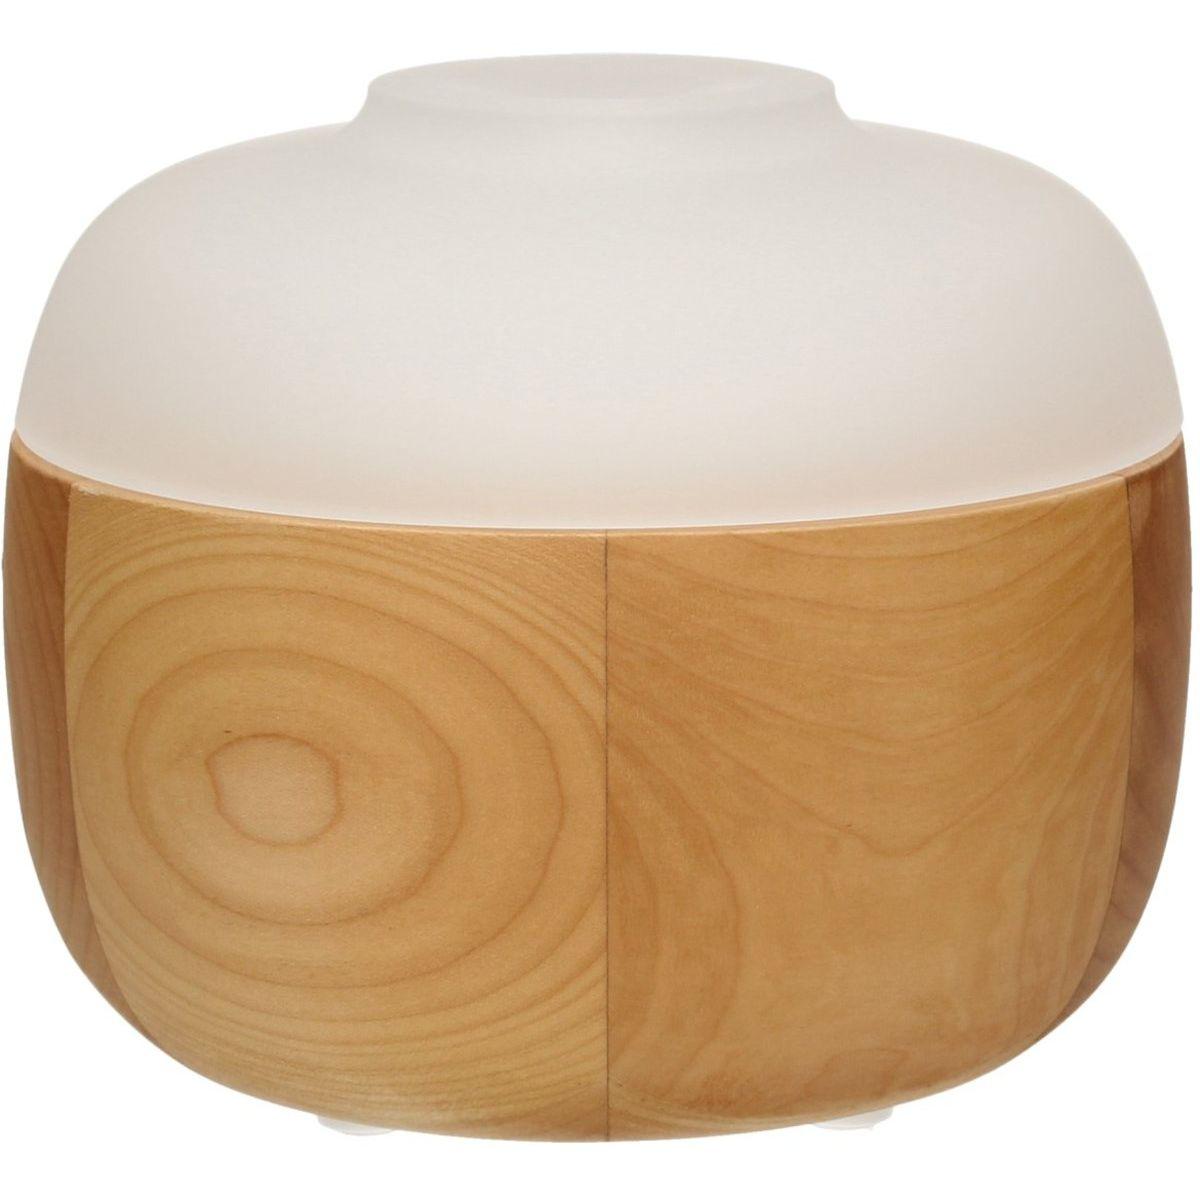 diffuseur ultrasonique d 39 huiles essentielles en bois et en verre lilien sebio. Black Bedroom Furniture Sets. Home Design Ideas